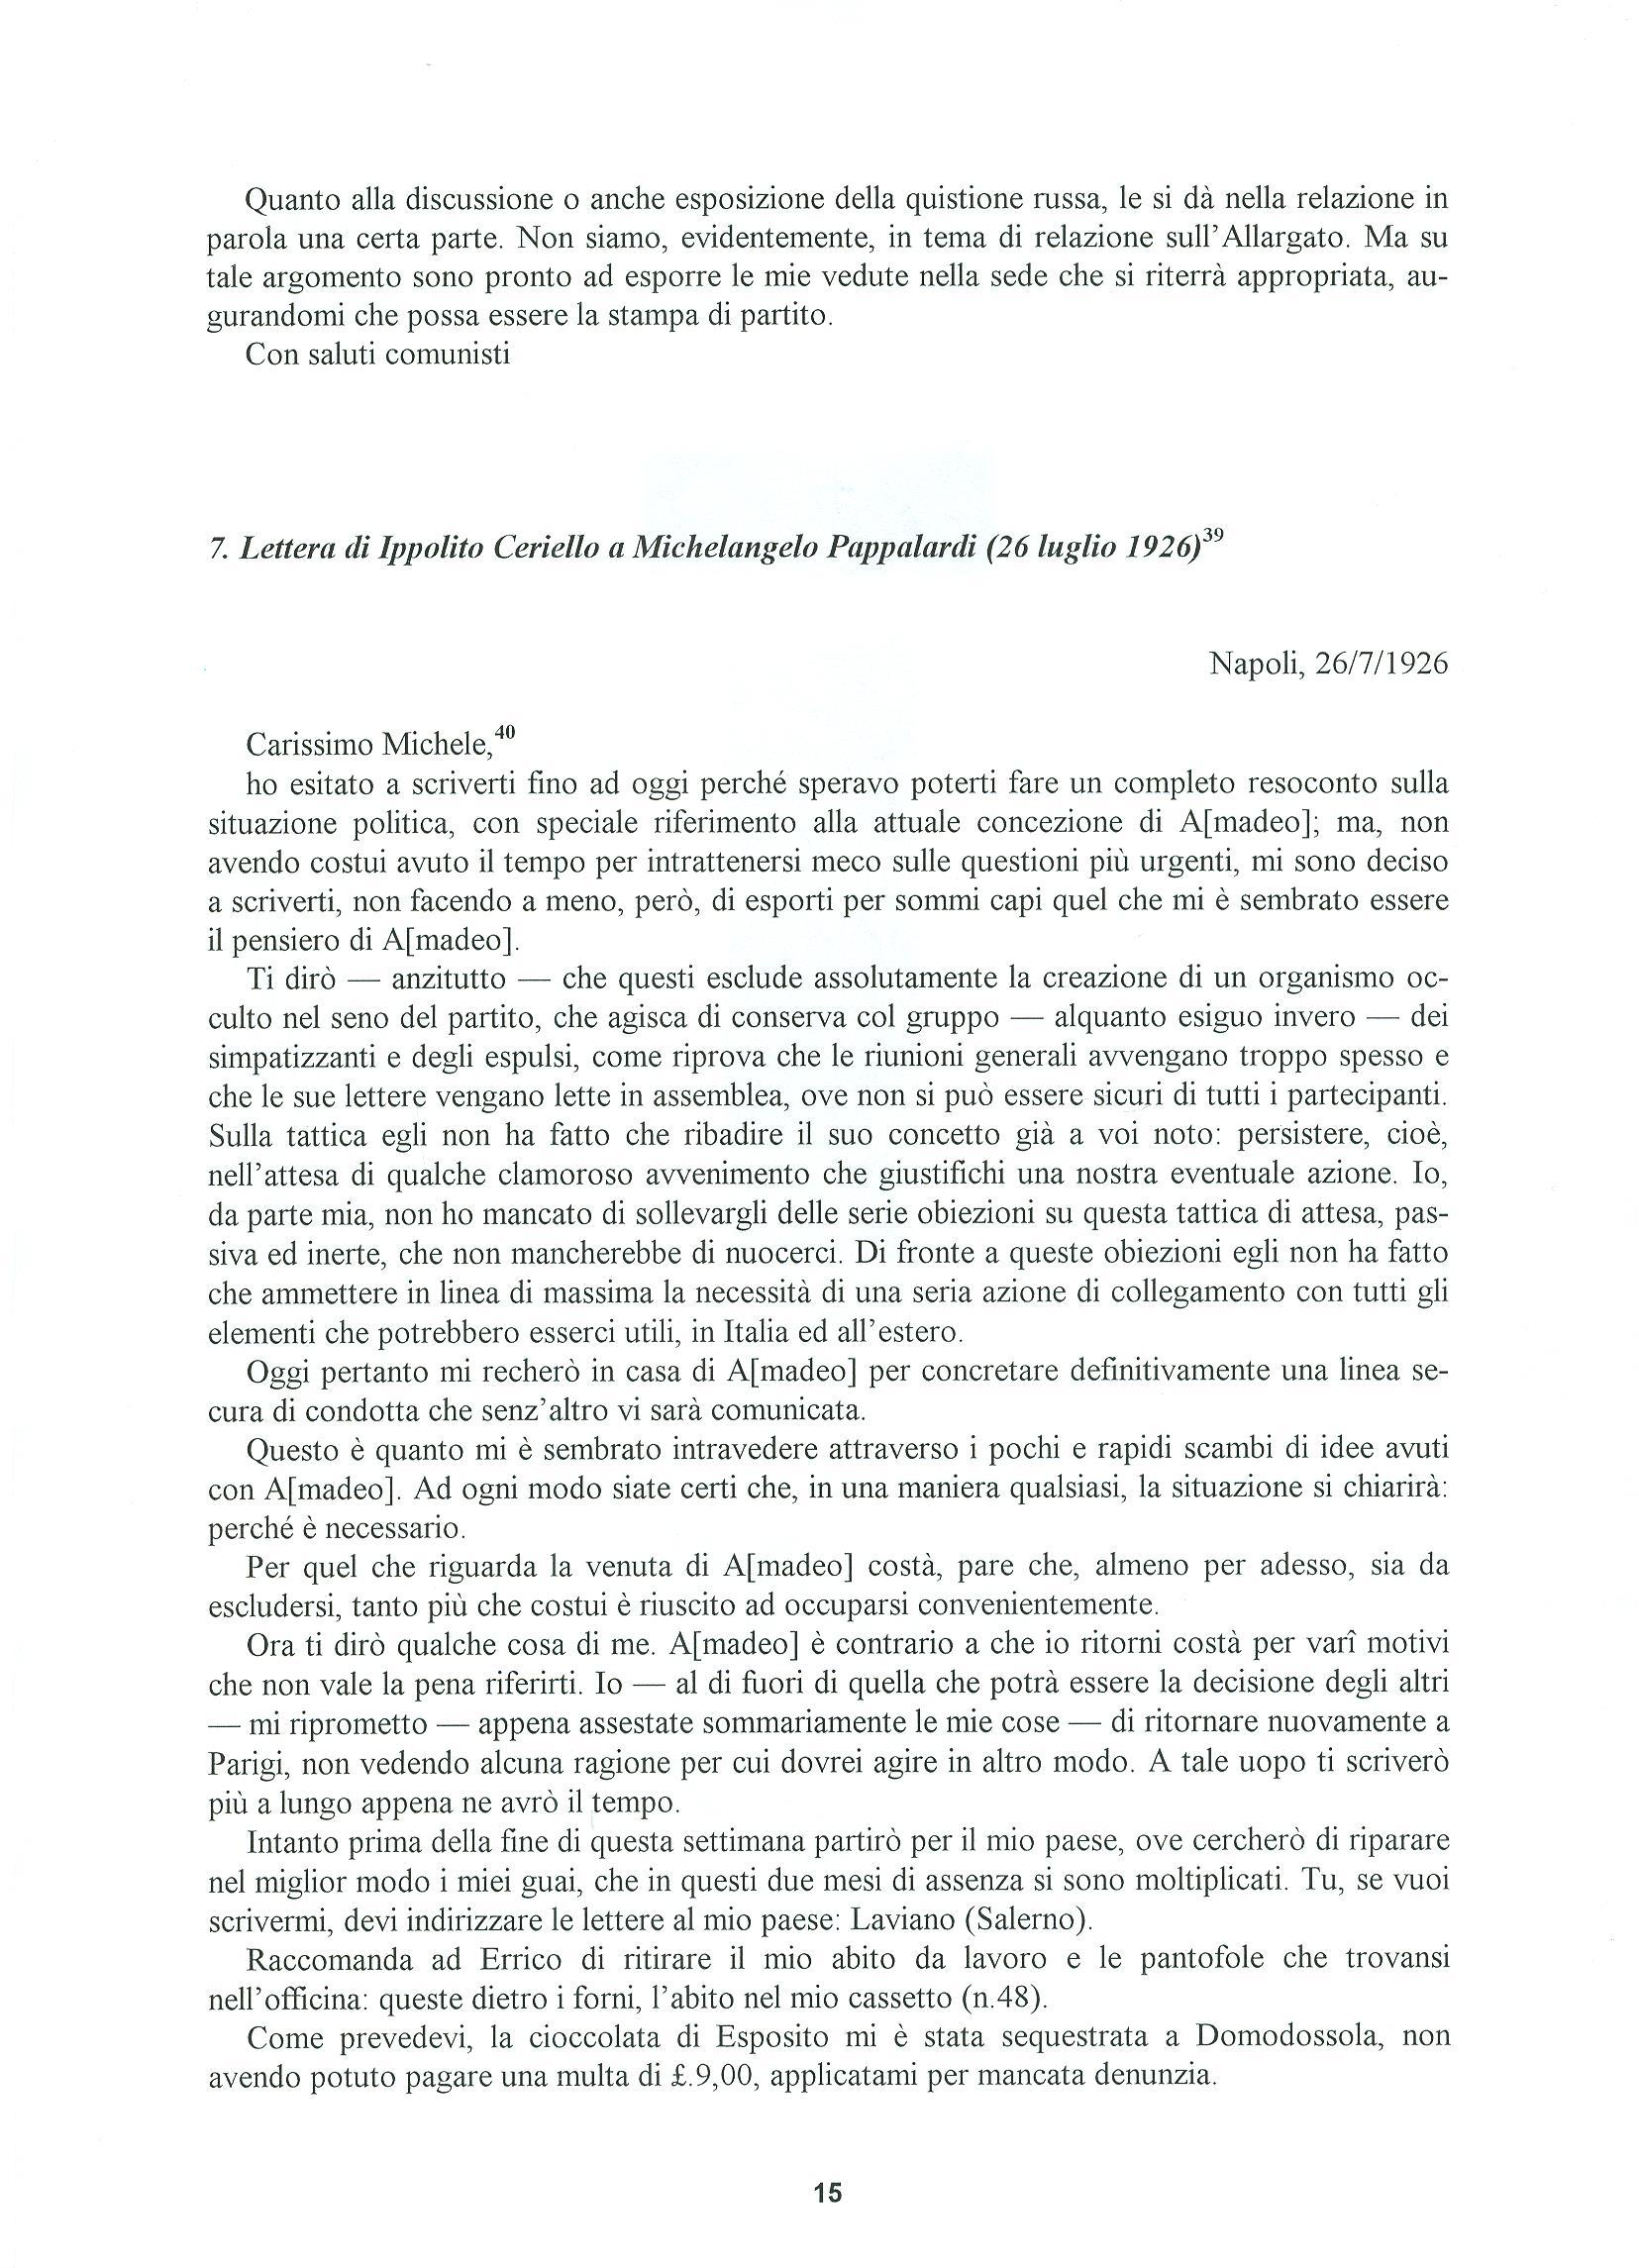 Quaderni del Centro Studi Pietro Tresso (1996-2009) n. 14 (novembre 1998) - pag. 16